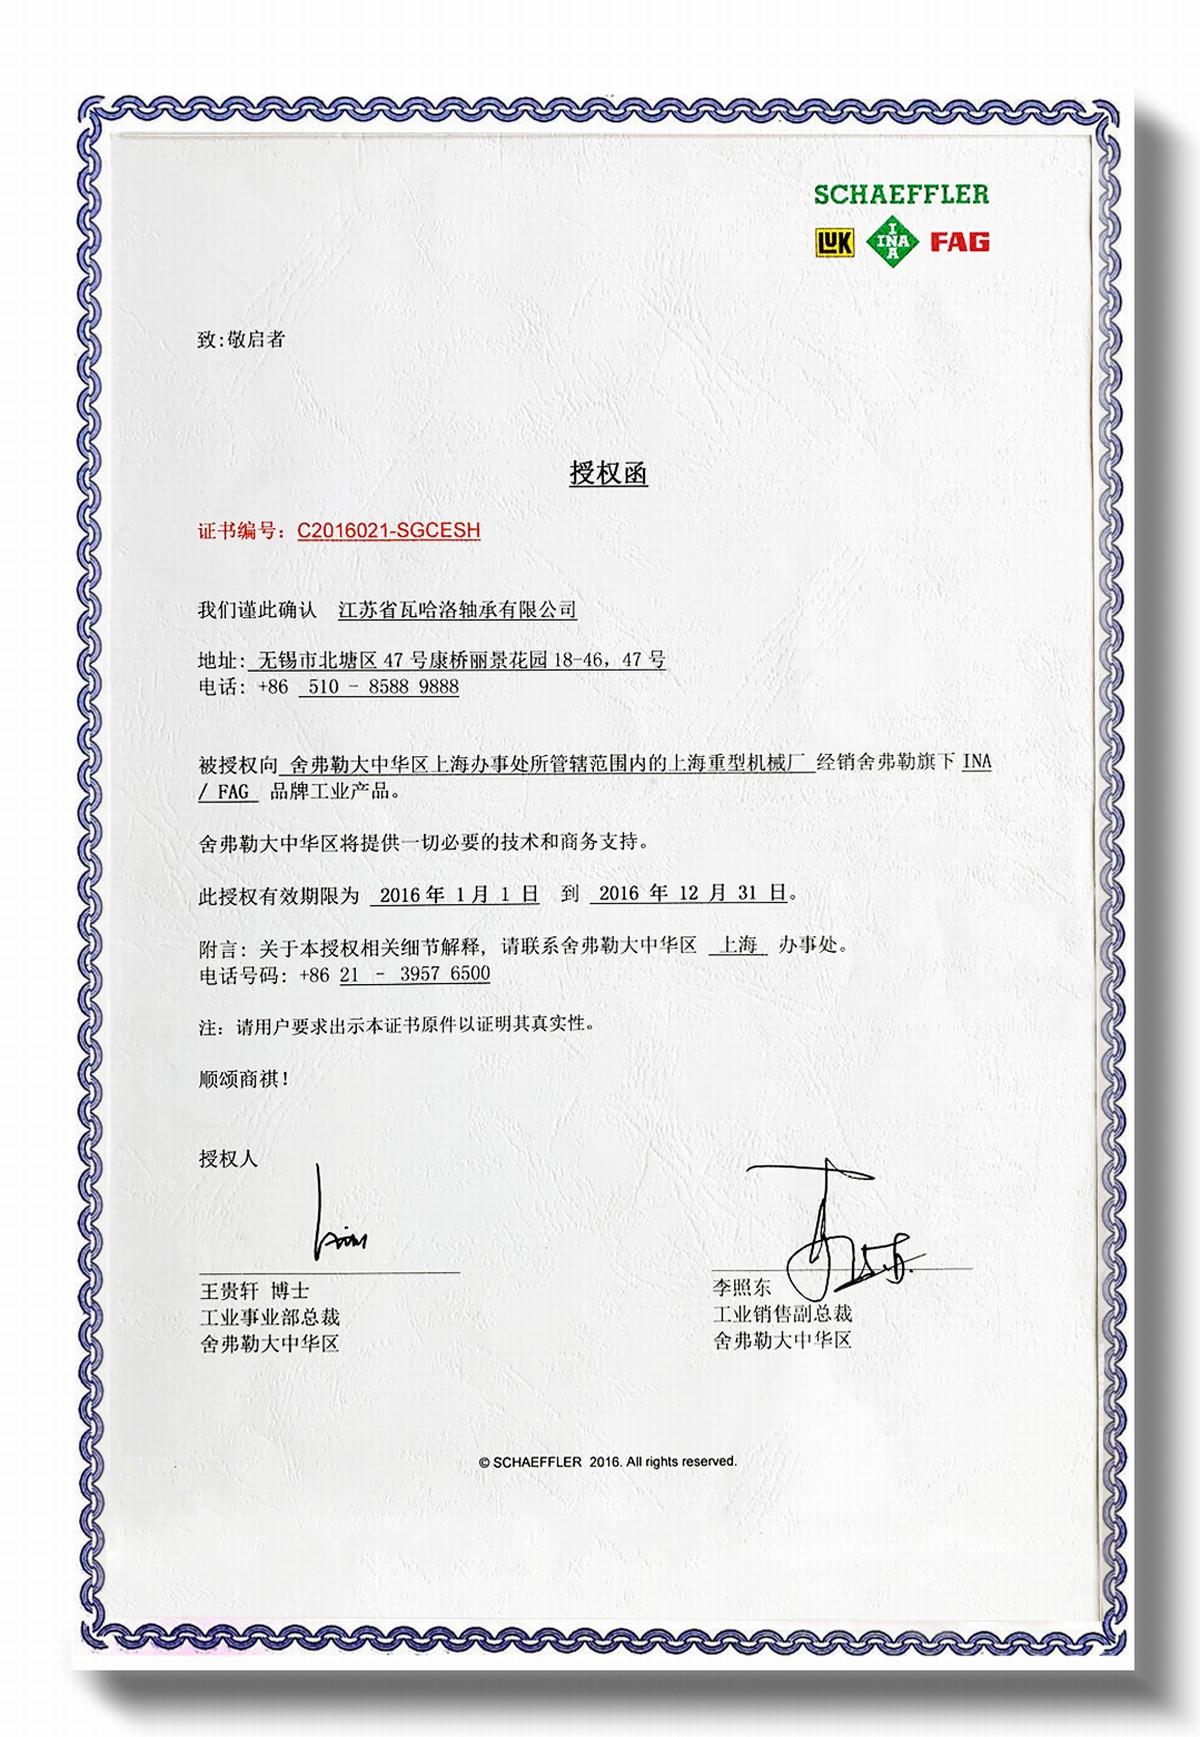 無錫軸承公司、瓦軸江蘇總代理、哈爾濱軸承授權經銷商